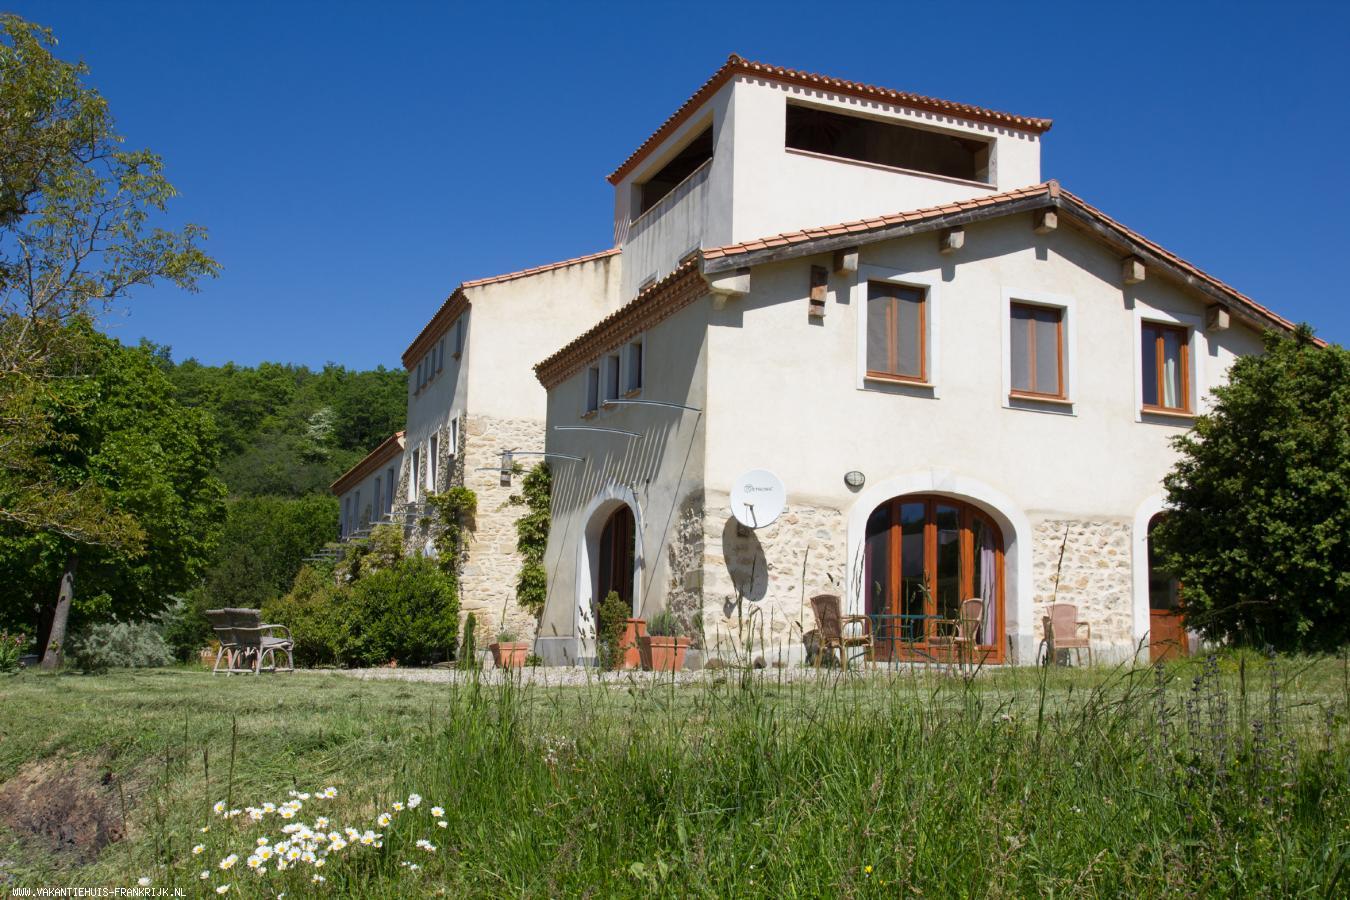 Vakantiehuis: Grenache, een heerlijk vakantiehuis op groot landgoed met schitterend uitzicht op de Pyreneeën. te huur voor uw vakantie in Aude (Frankrijk)